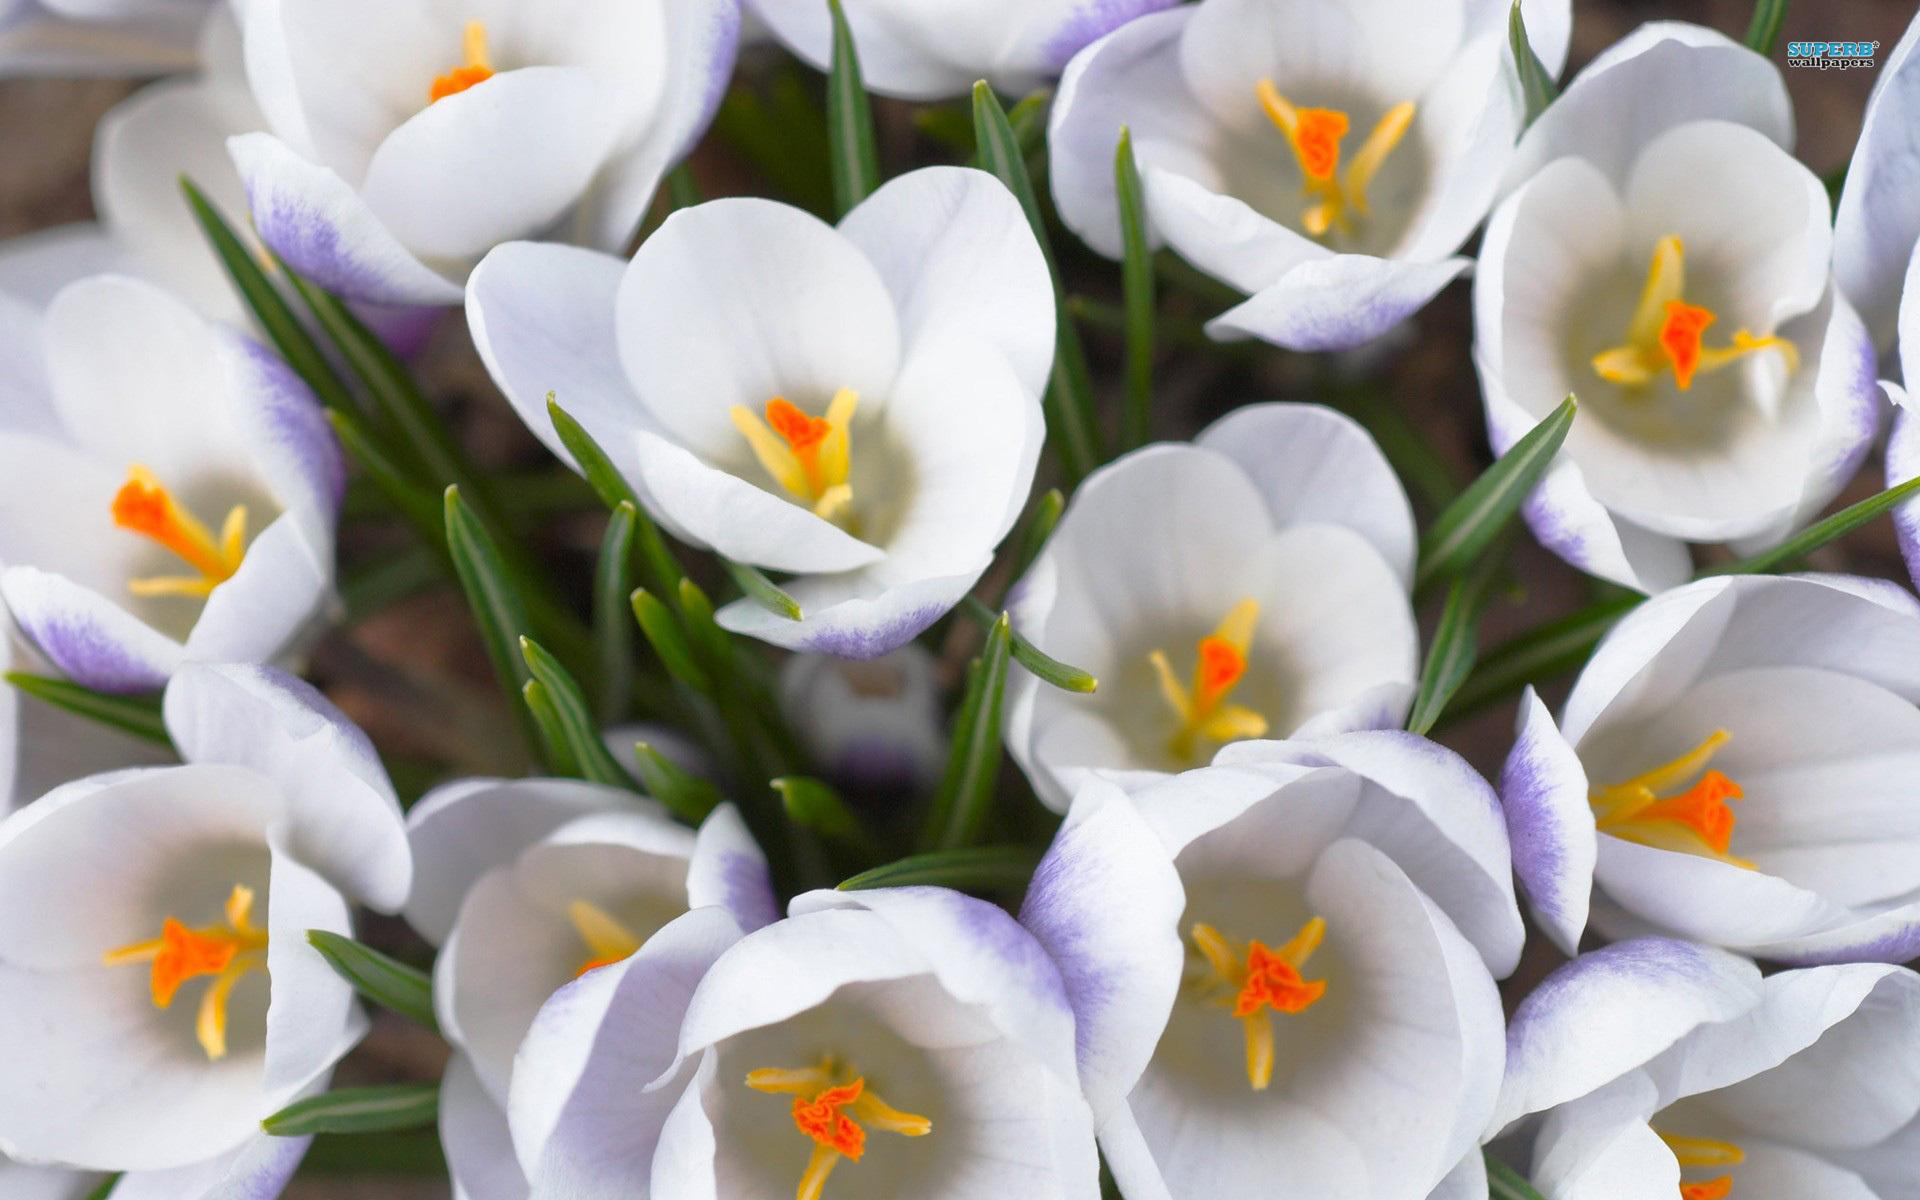 White Crocuses 28932 1680x1050 px